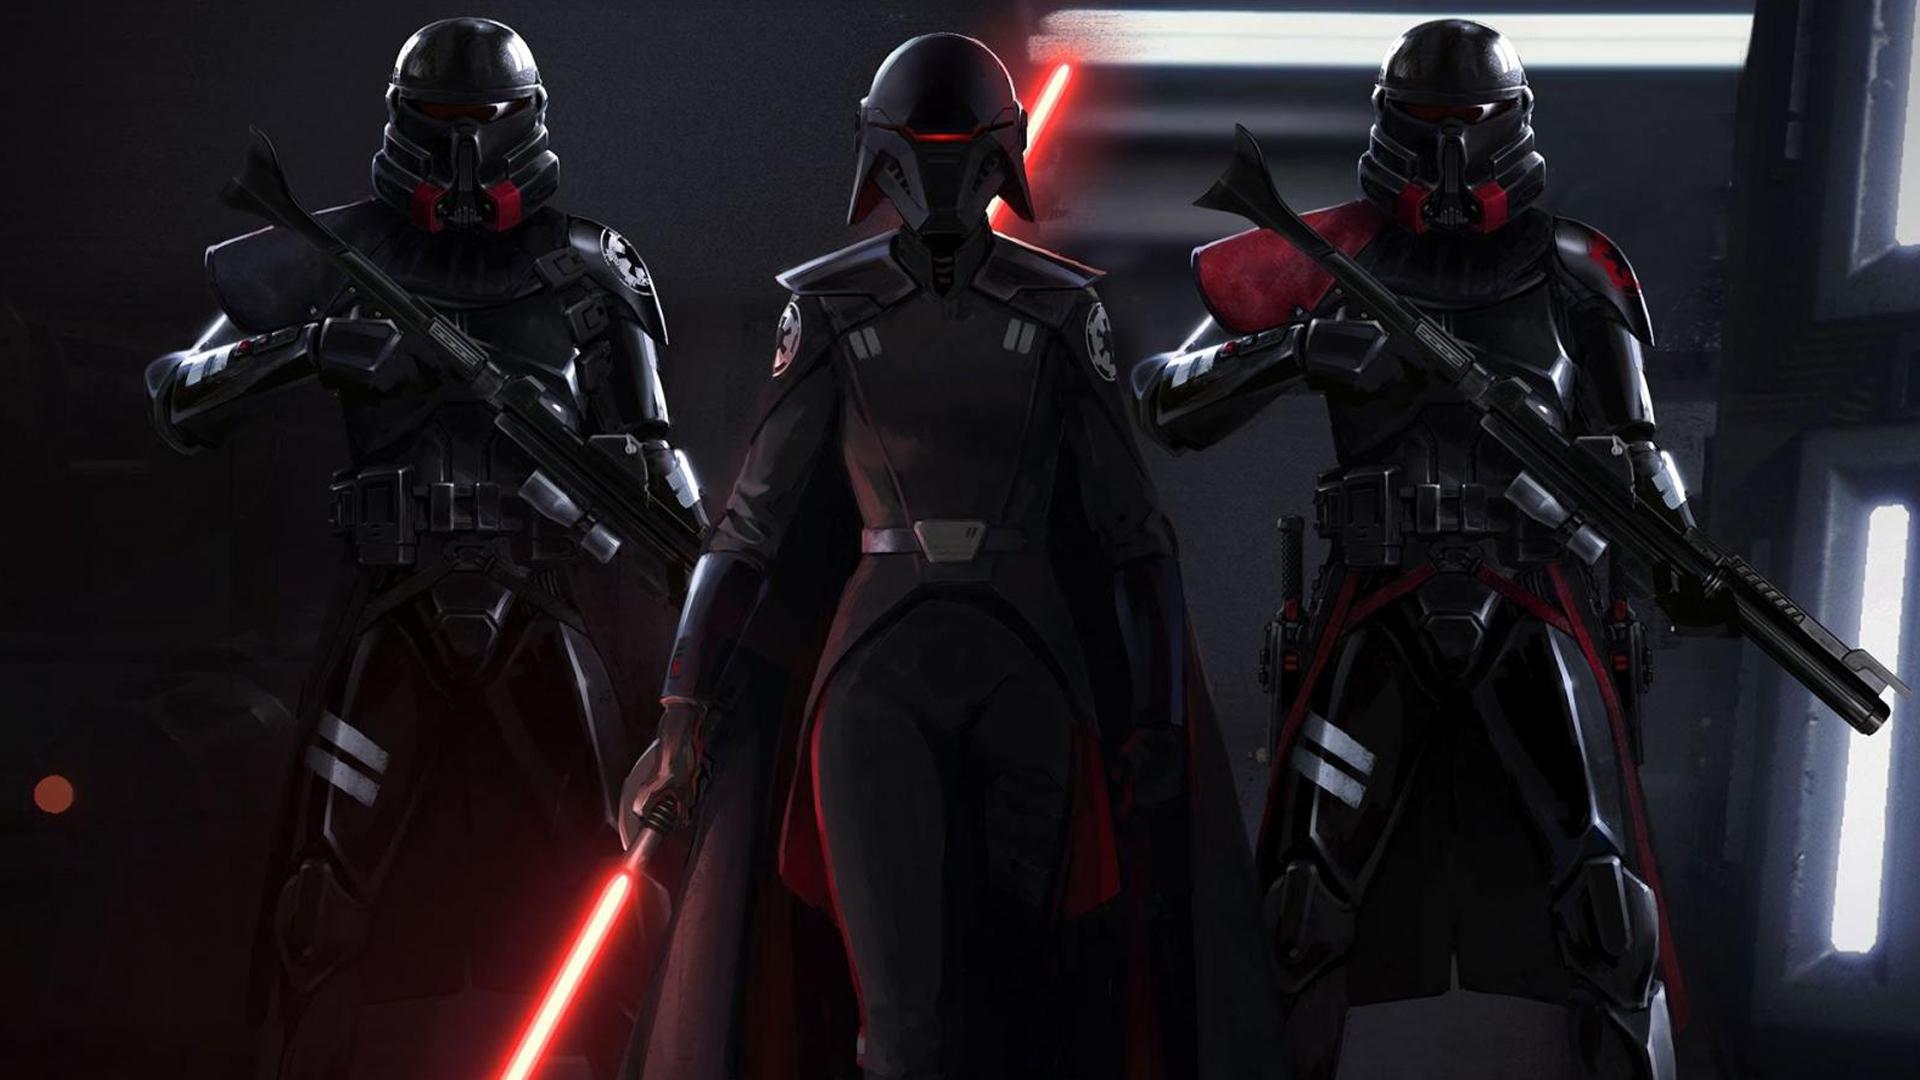 ЗВЁЗДНЫЕ ВОЙНЫ Джедаи Павший Орден Star Wars Jedi Fallen Order - Star Wars Jedi: Fallen Order